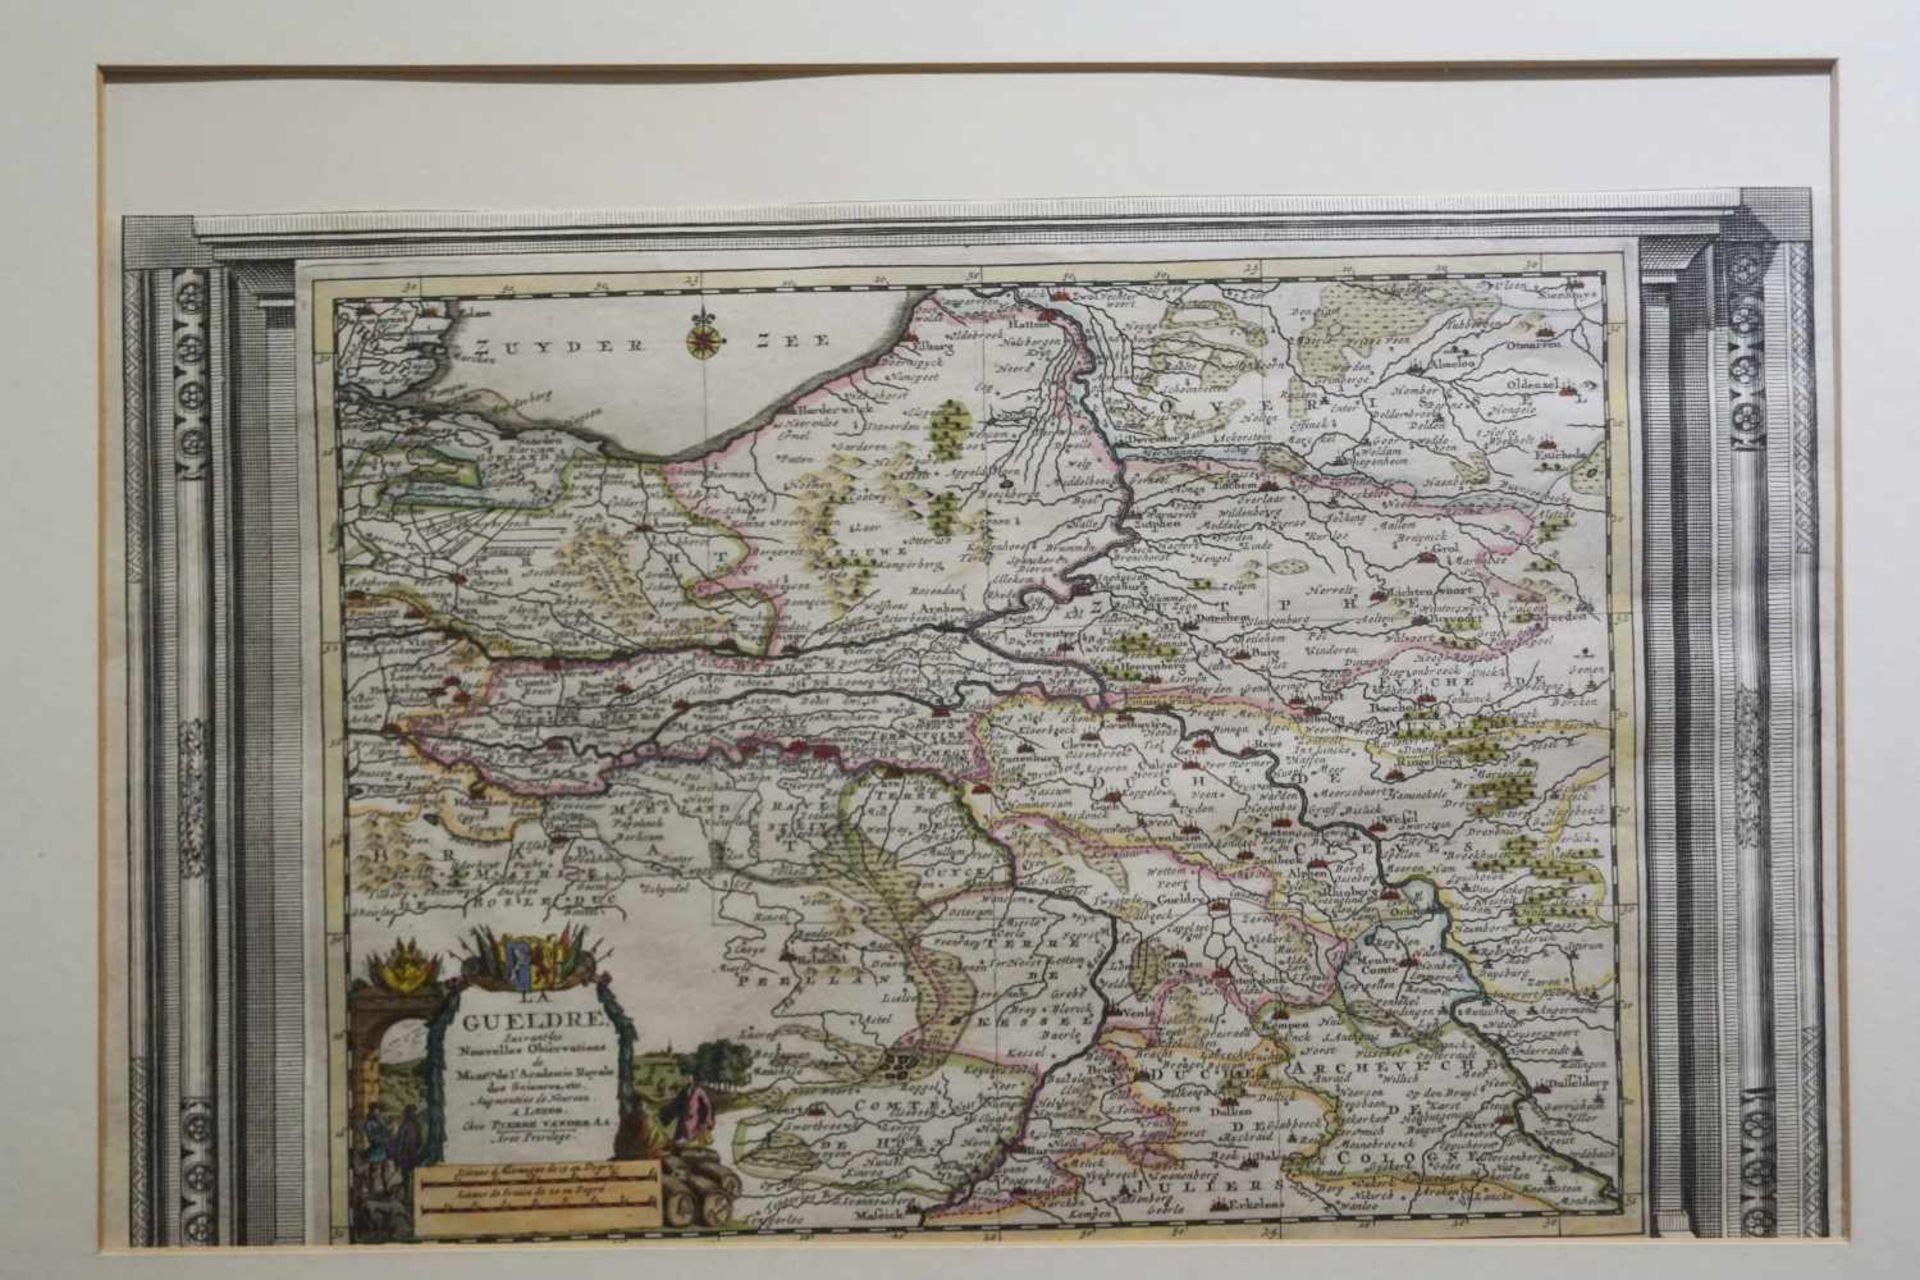 Historische Landkarten v. Westfalen u. Gelderland Niederlande, gerahmt, Maße der Karte von - Bild 2 aus 2